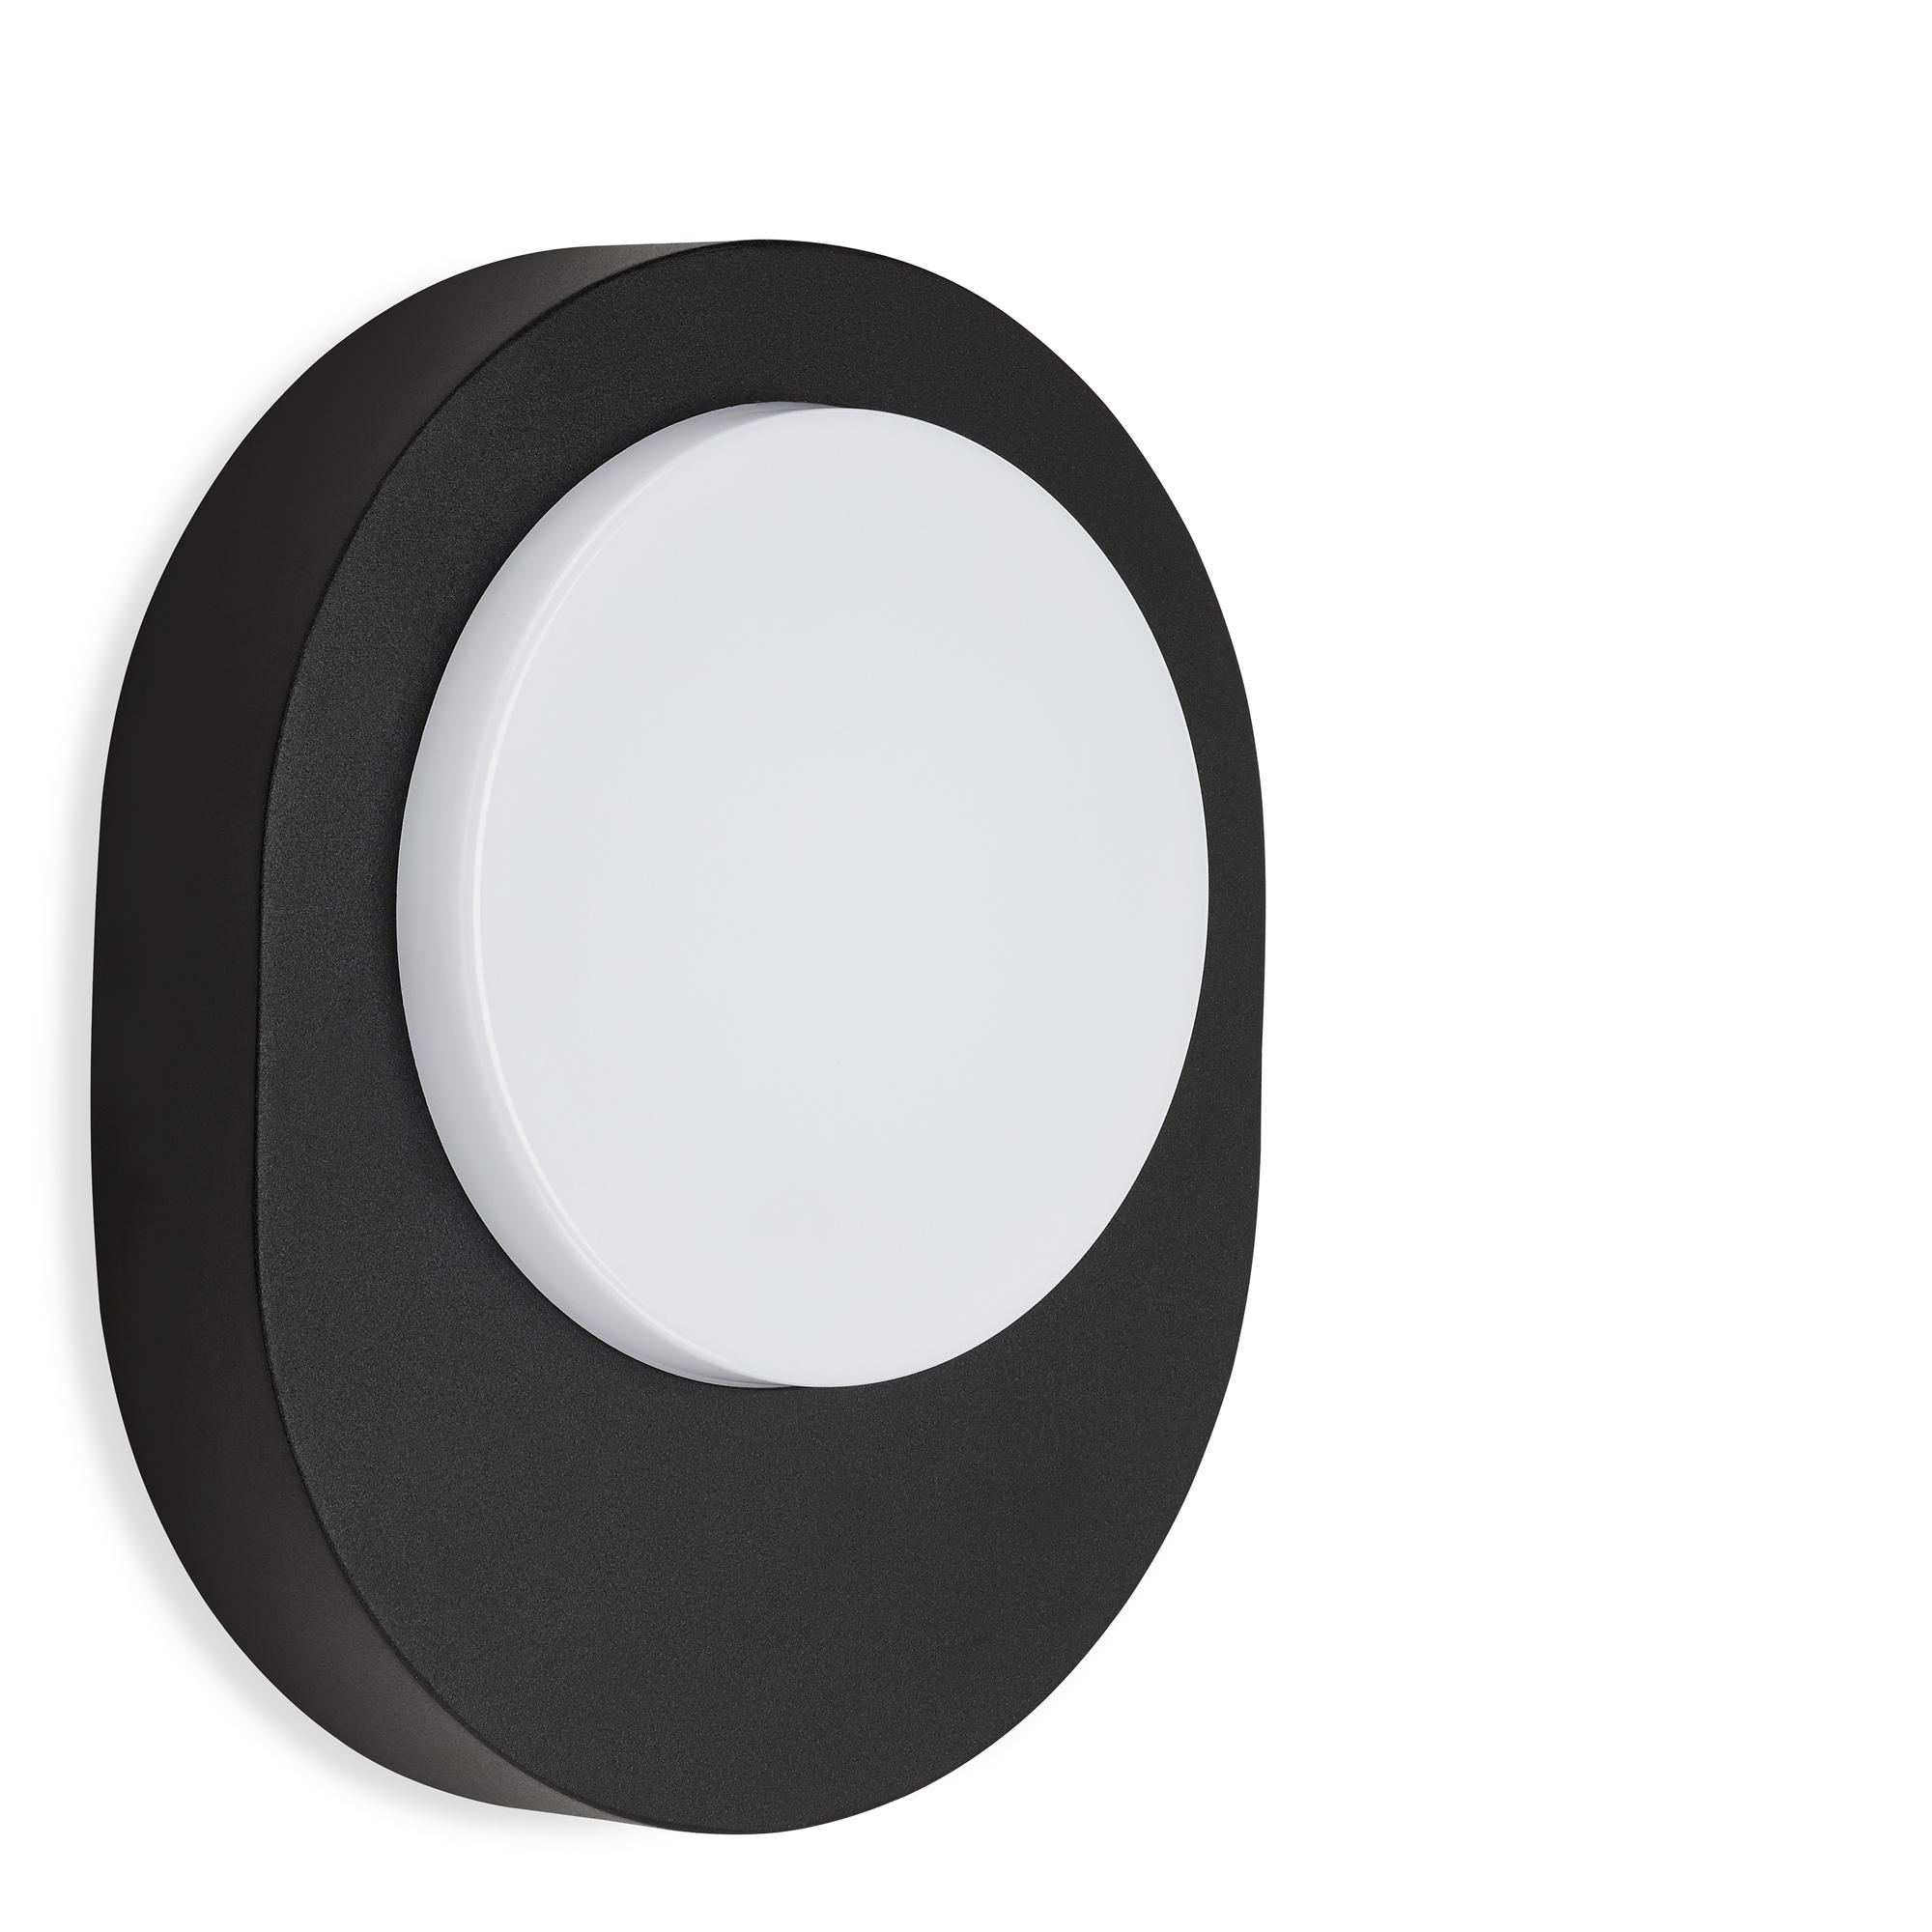 TELEFUNKEN LED Außenwandleuchte, 20 cm, 8 W, Schwarz